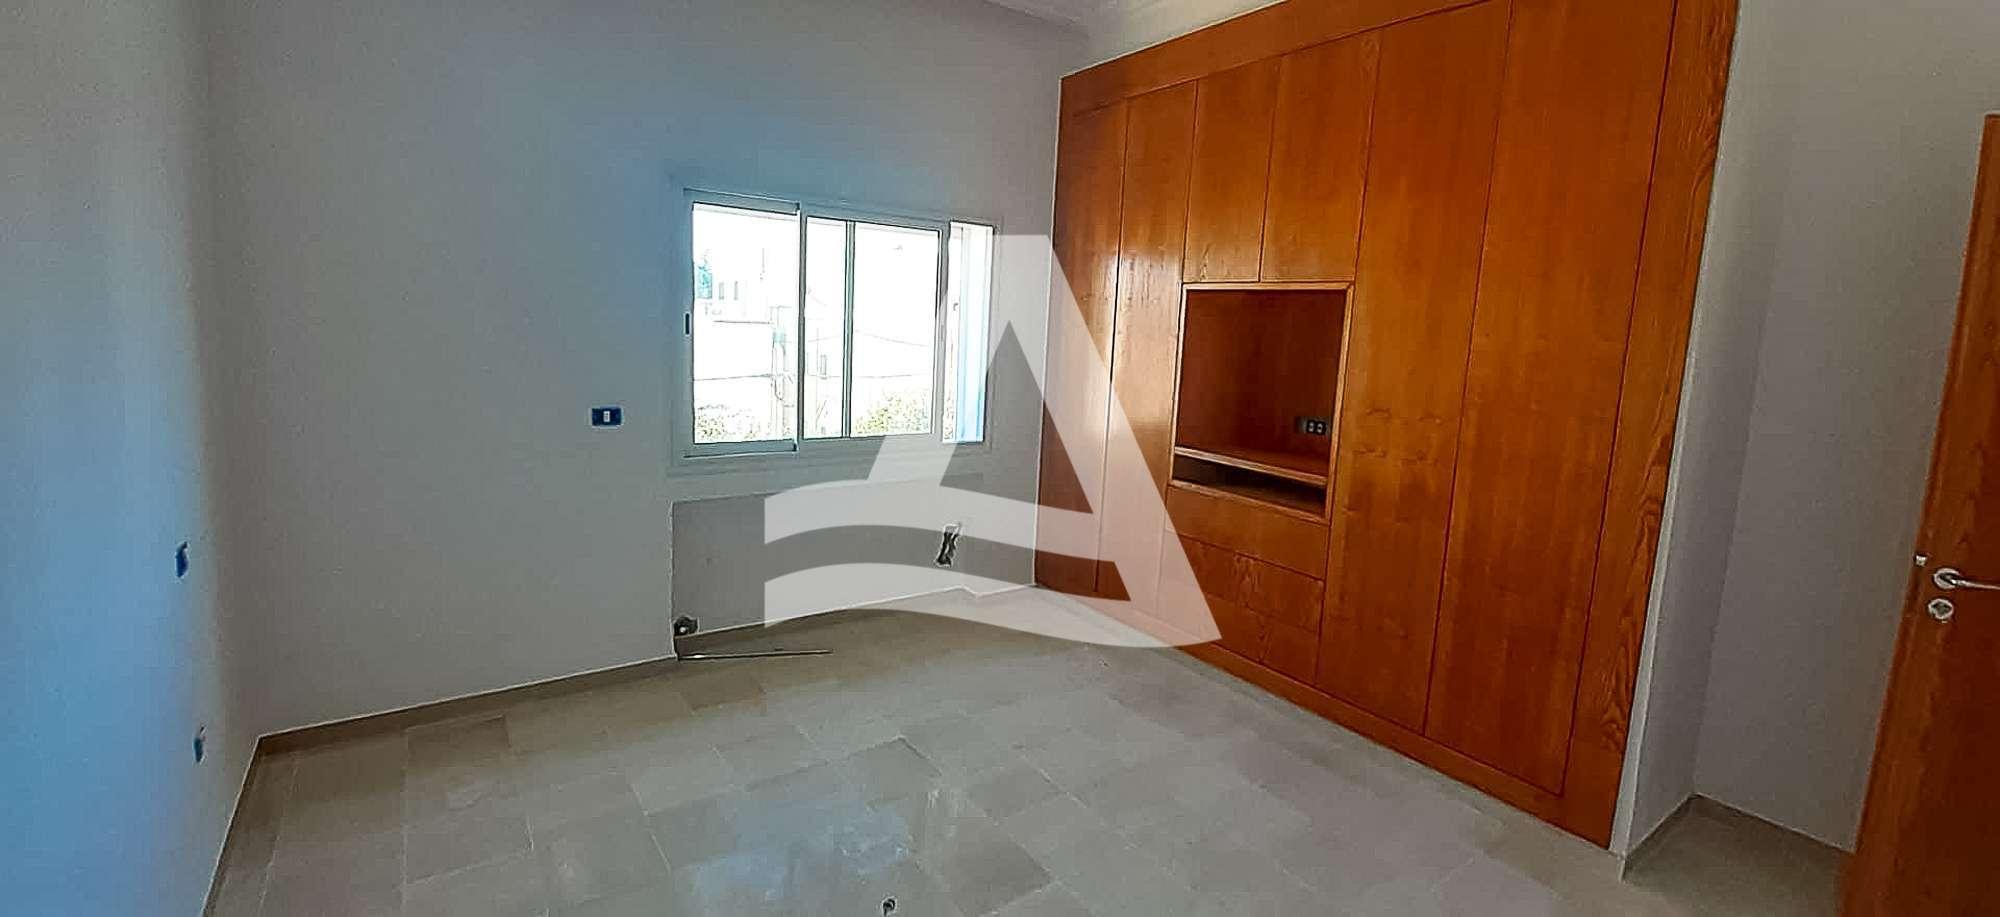 httpss3.amazonaws.comlogimoaws10159863201625069538_Arcane_immobilière_la_Marsa-_location_-_vente_la_marsa__-4_1577433722348